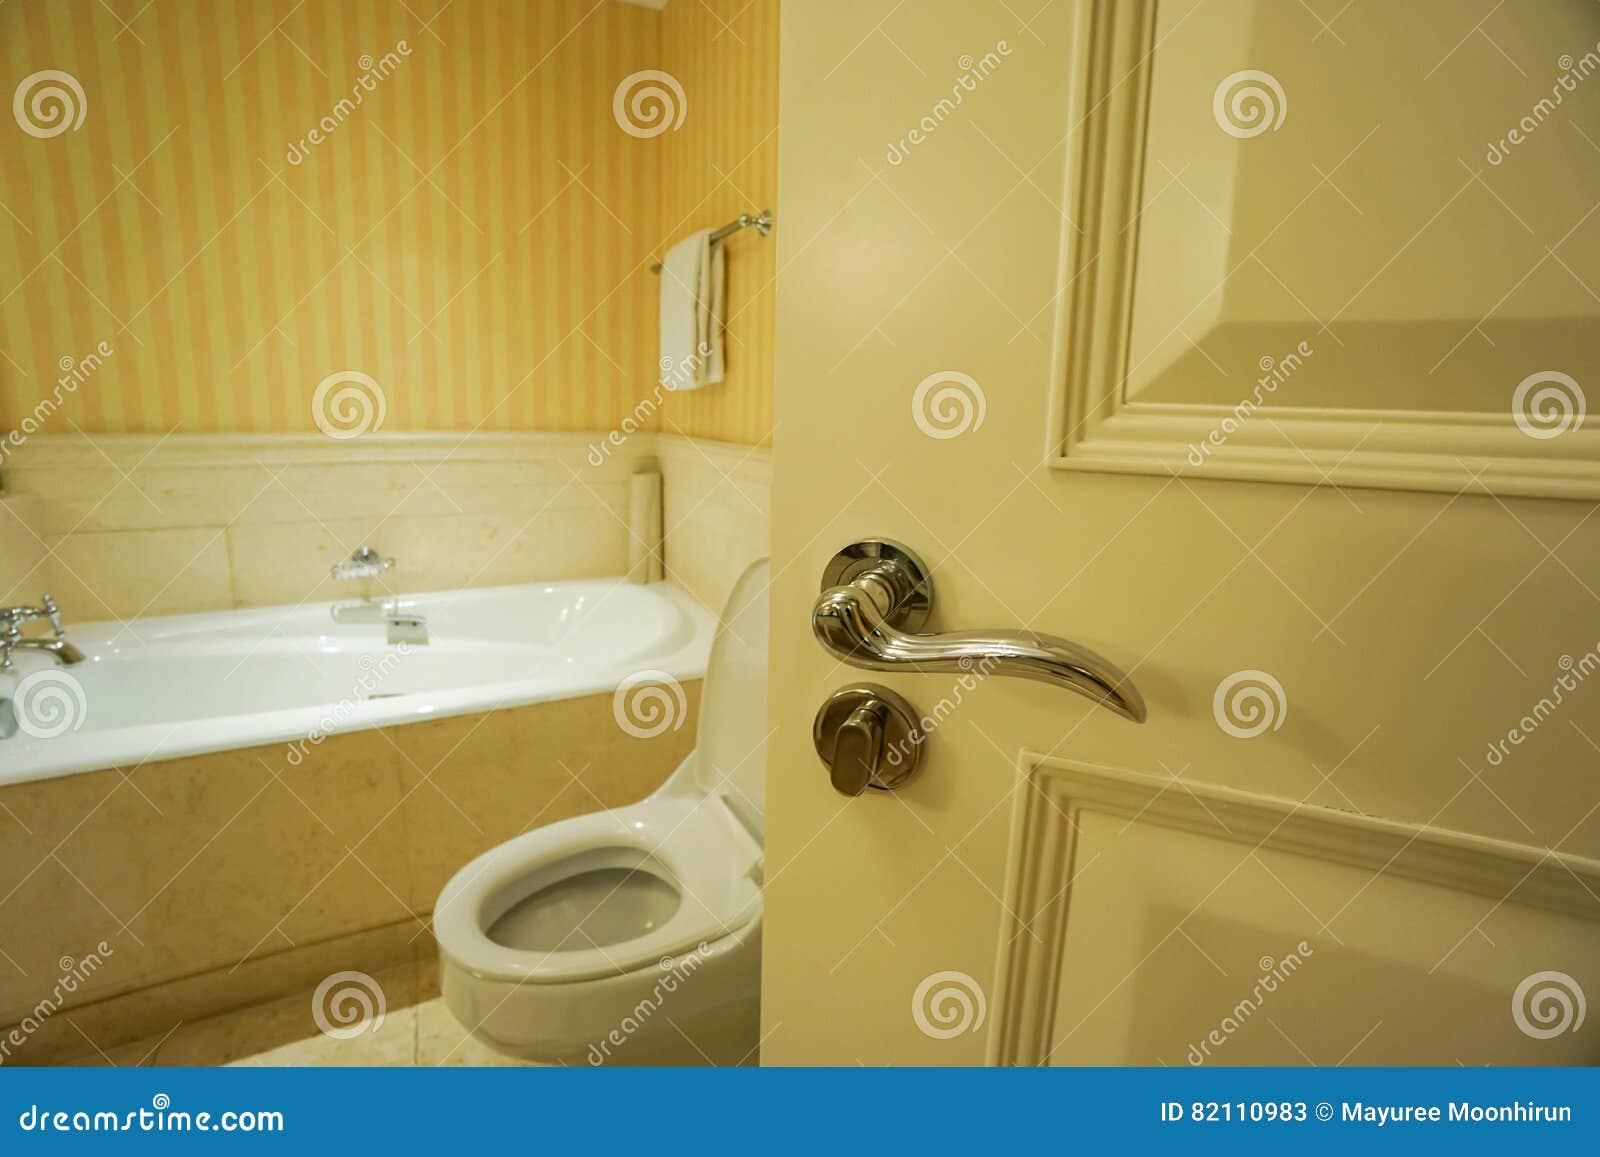 Apra la porta del bagno